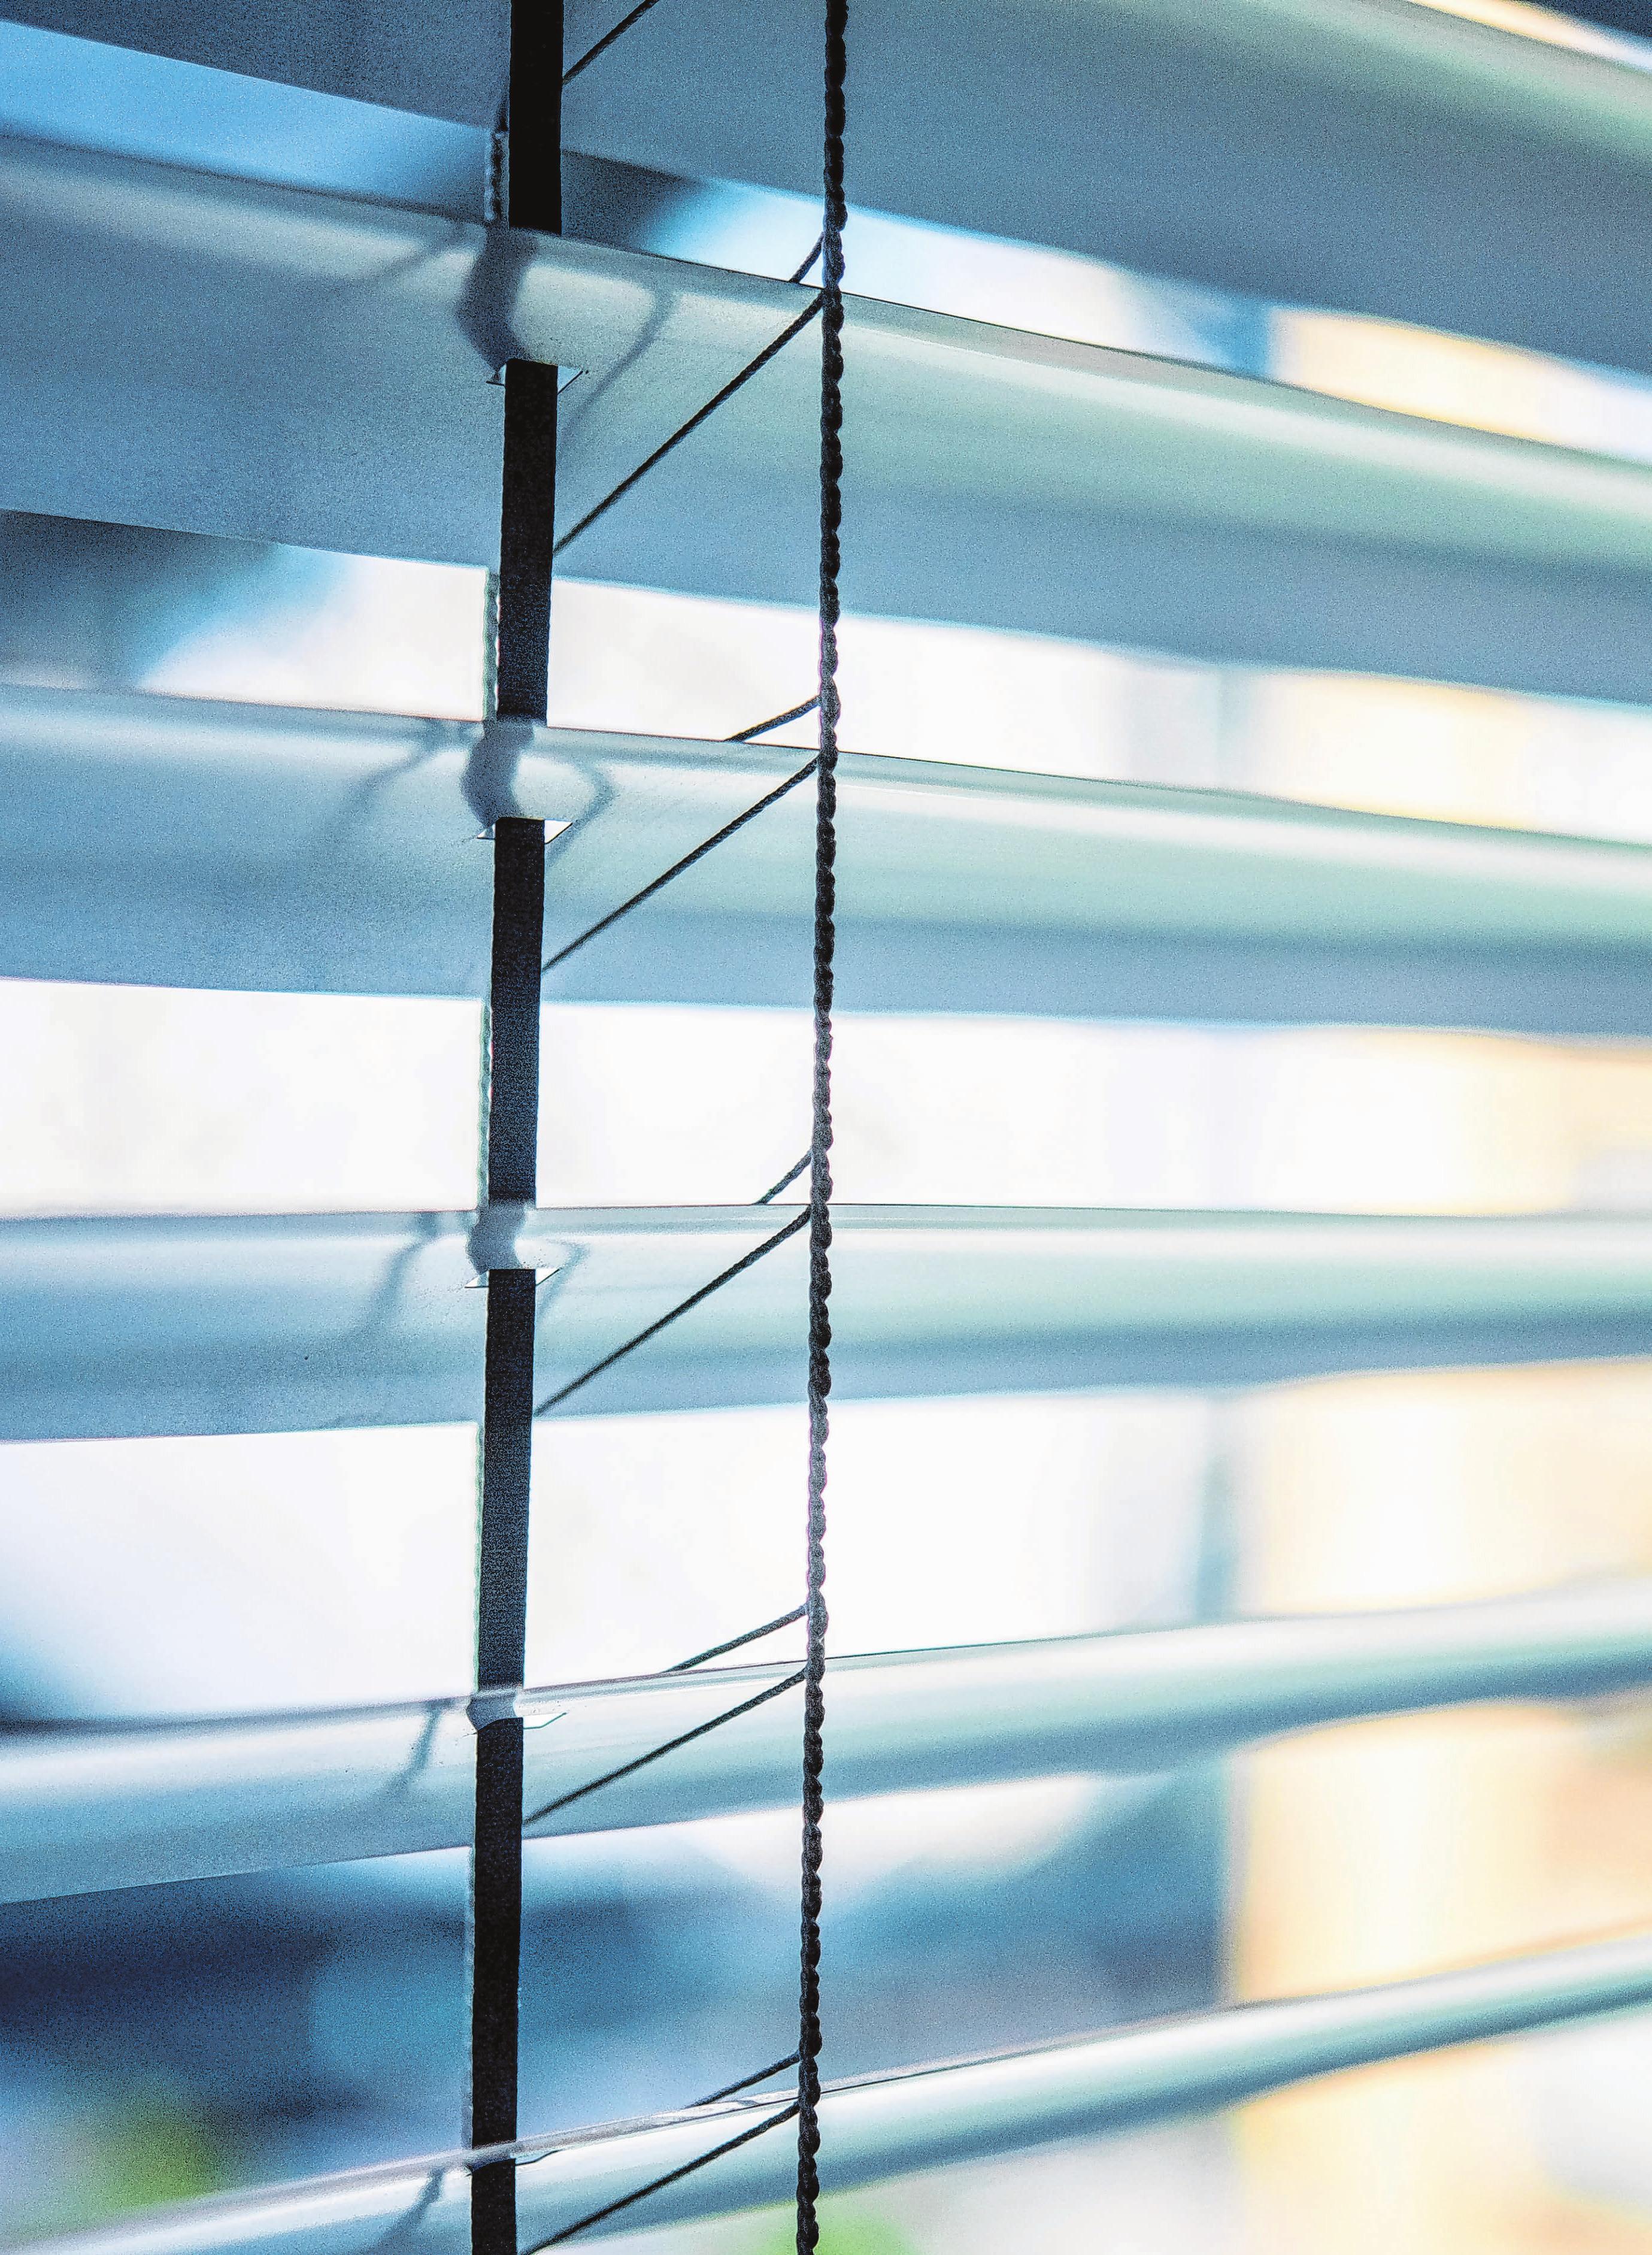 Verschattungssysteme, wie automatische Jalousien, schützen gut vor Hitze. Foto: Zacharie Scheurer/dpa-mag